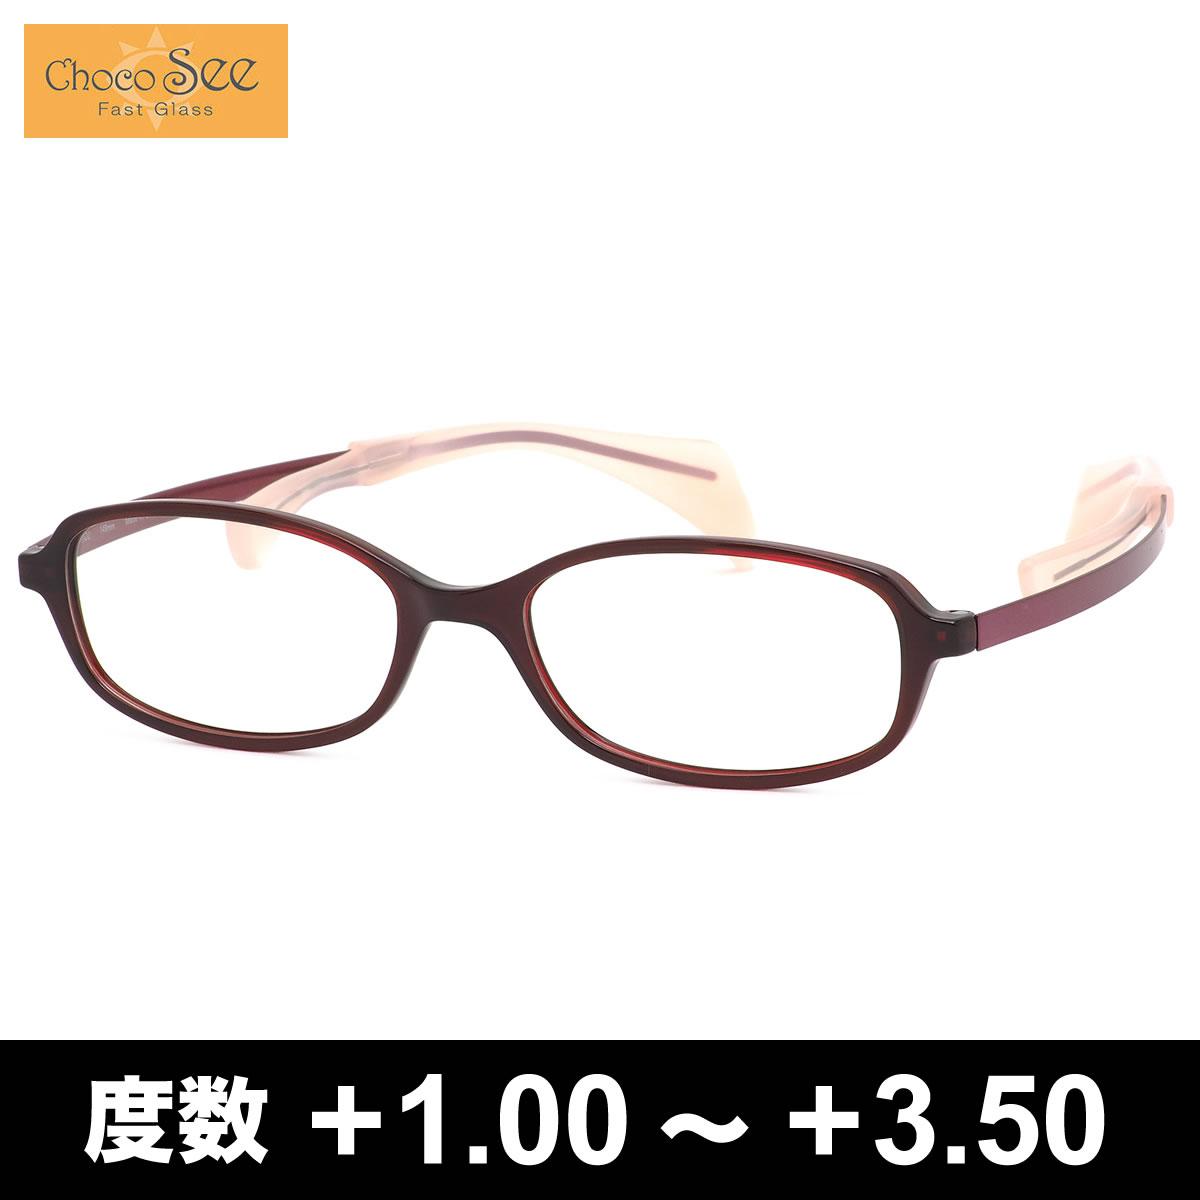 ほぼ全品ポイント15倍〜最大43倍!お得なクーポンも! ちょこシー スマート老眼鏡 +1.00〜+3.50 非球面 紫外線カットブルーライトカット ChocoSee FG24503 RE 50サイズ  鼻に跡がつかないメガネ チョコシー ちょこしー ベータチタン リーディンググラス [OS]